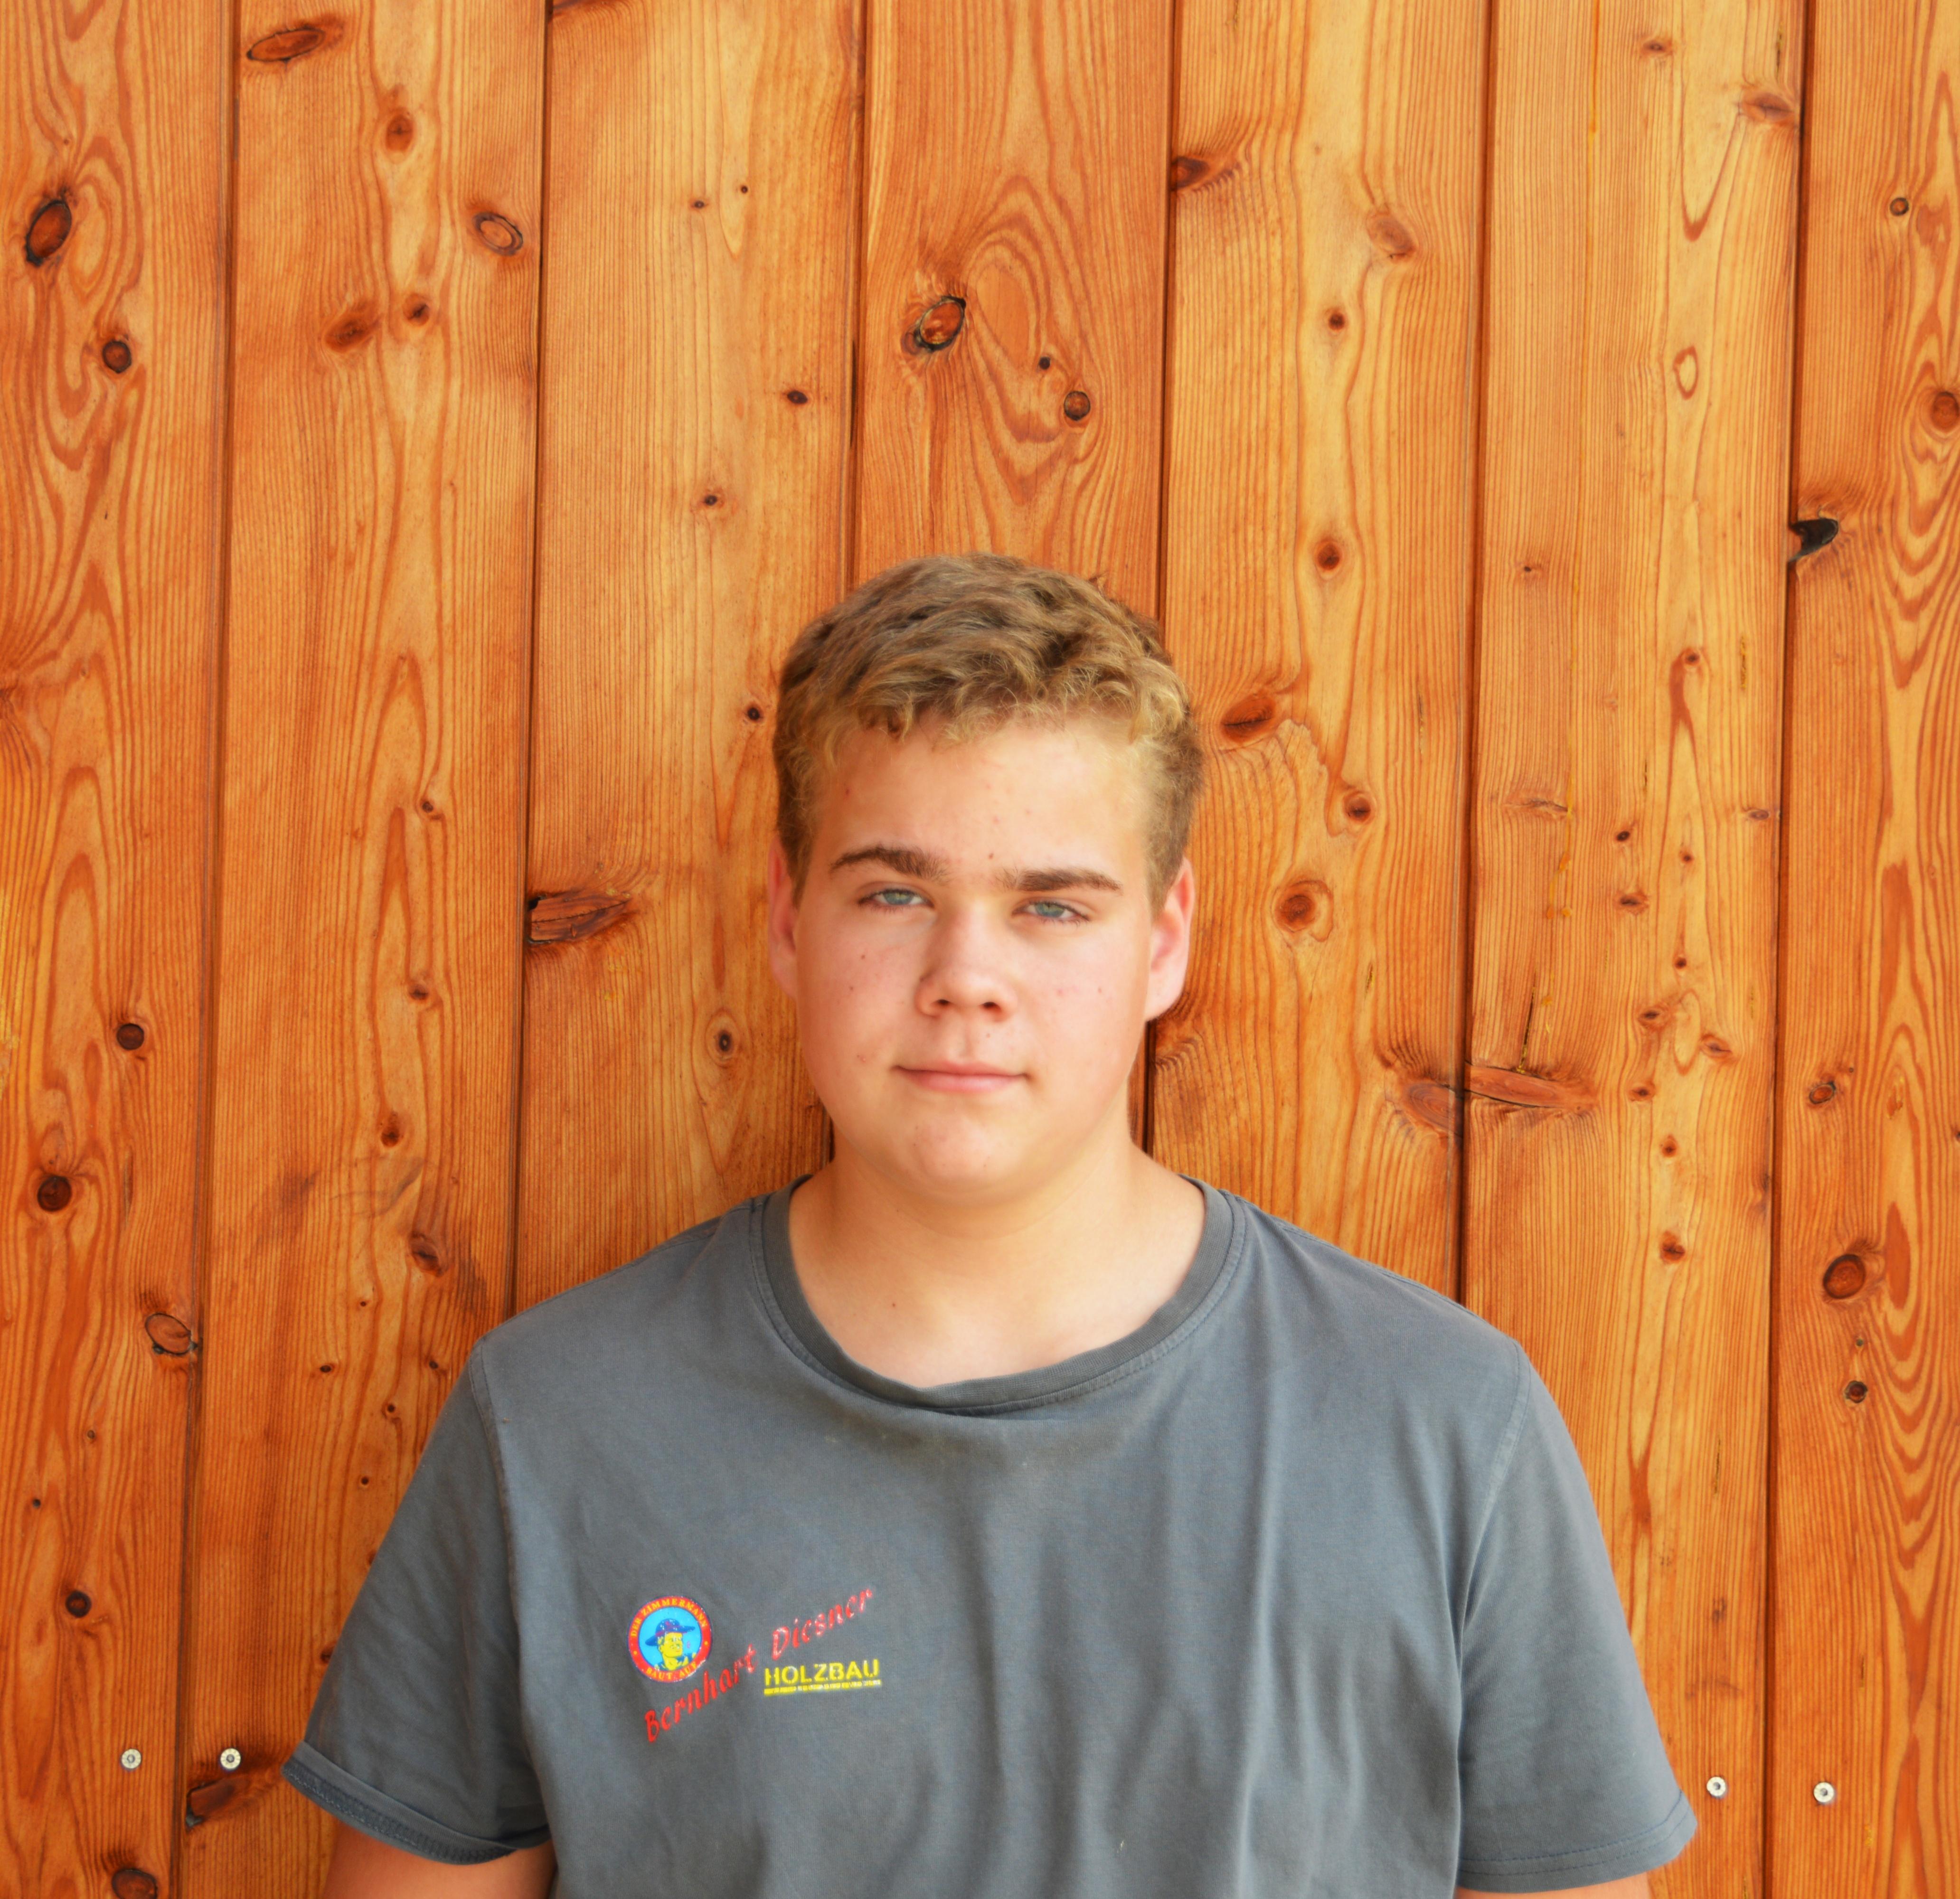 Tobias Langsteiner (Lehrling Zimmerer, Fertigteilhausbauer)